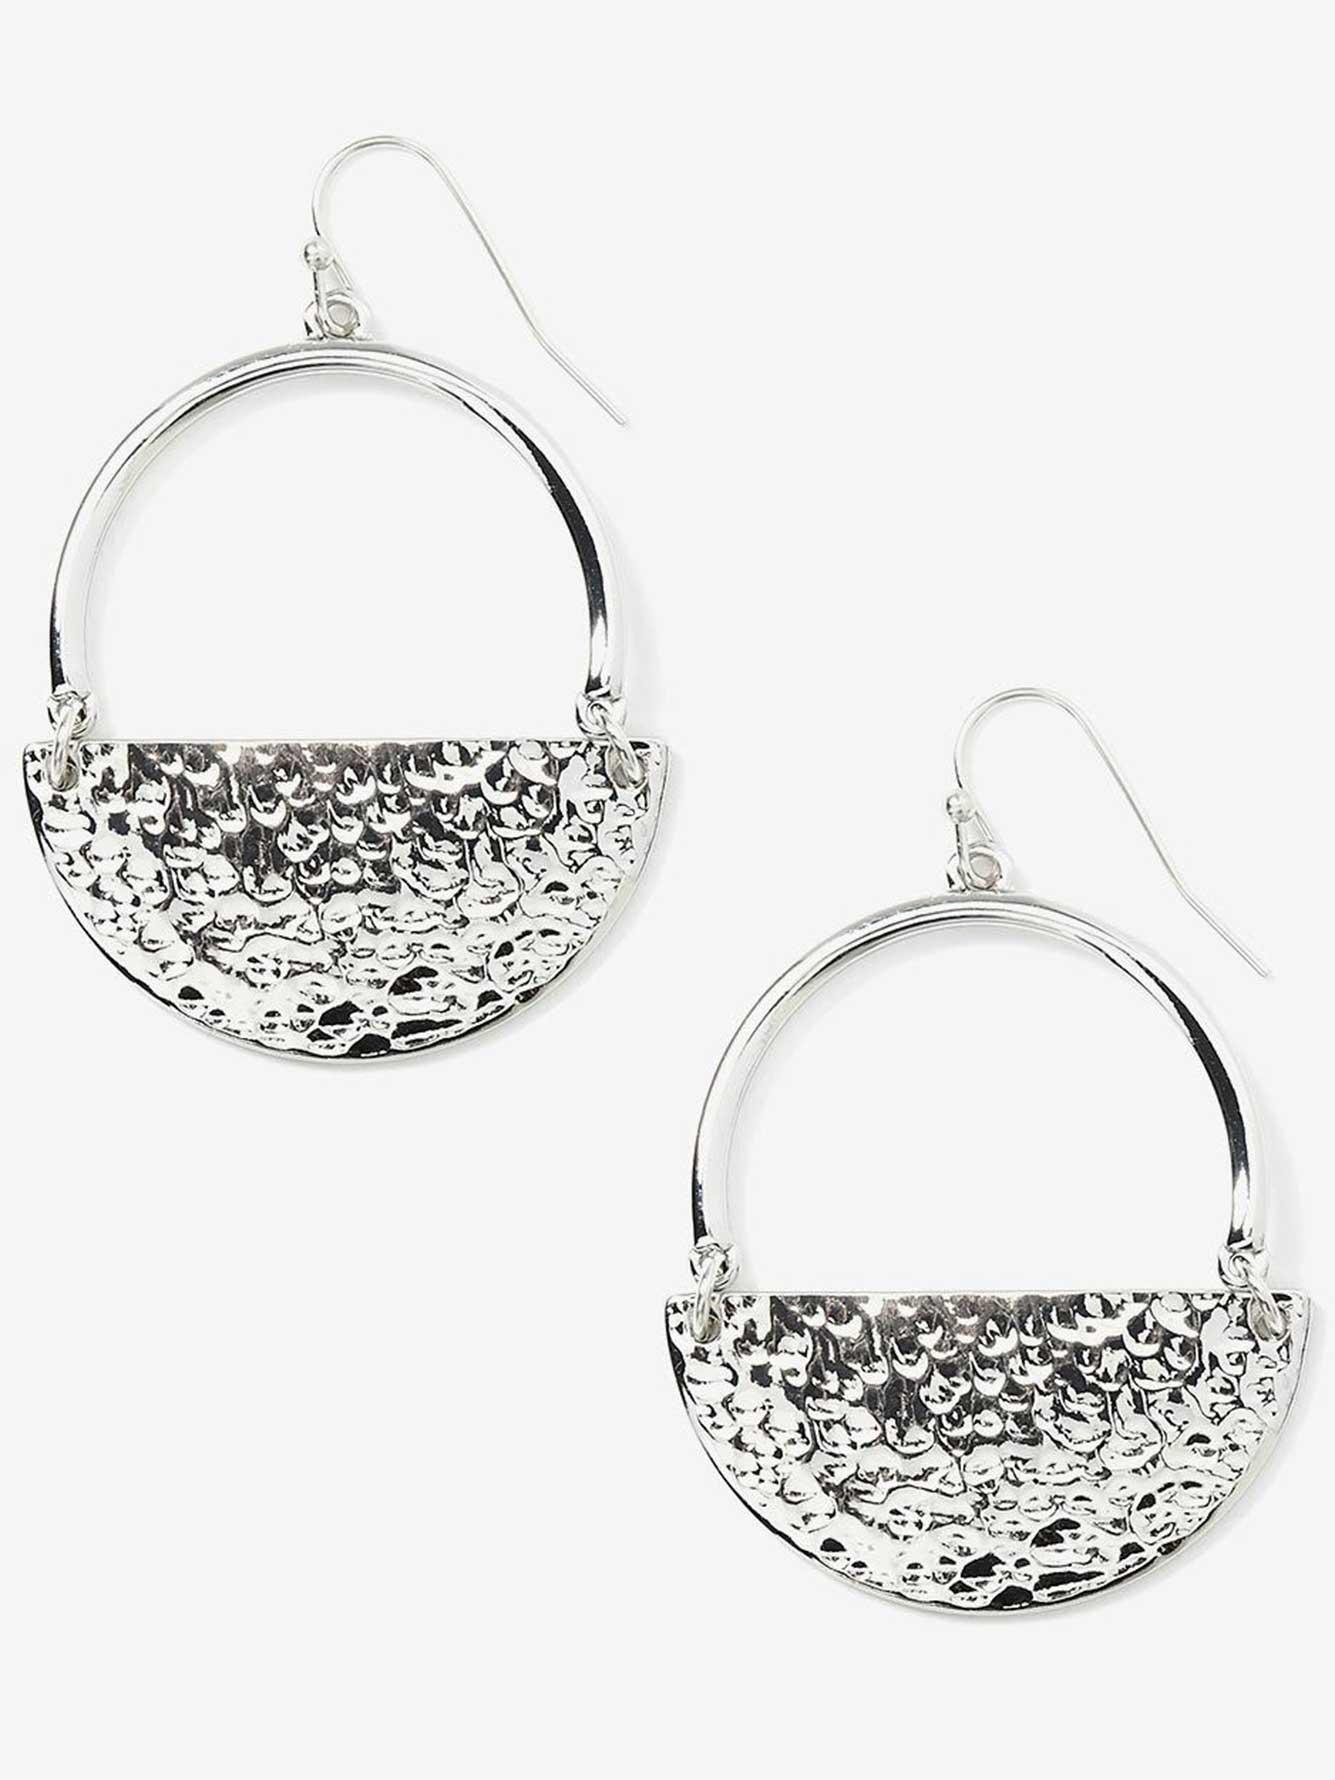 Half moon pendant earrings addition elle half moon pendant earrings aloadofball Images